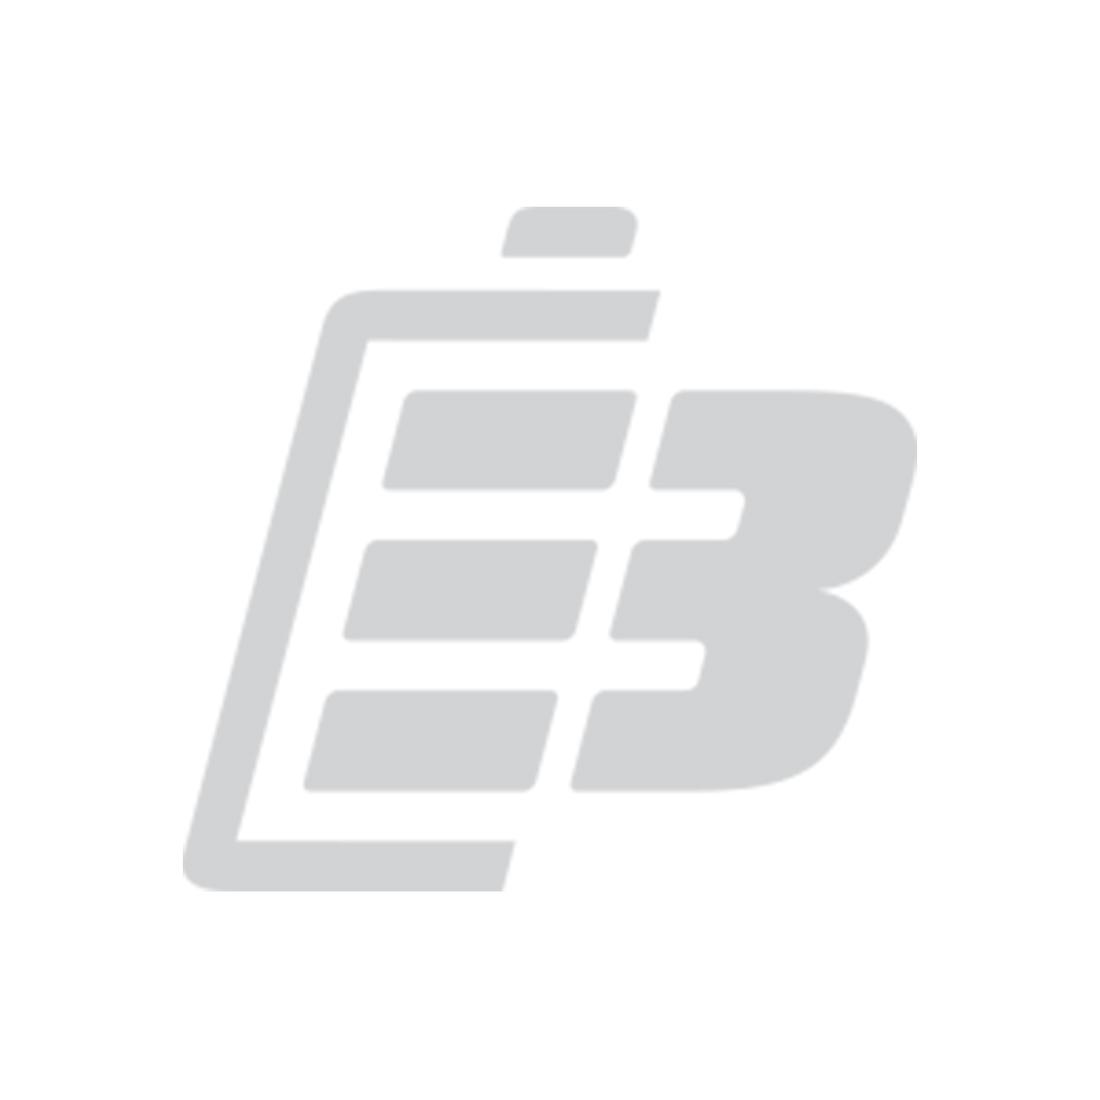 Ecobat Lead Acid Battery 12V 1.3Ah